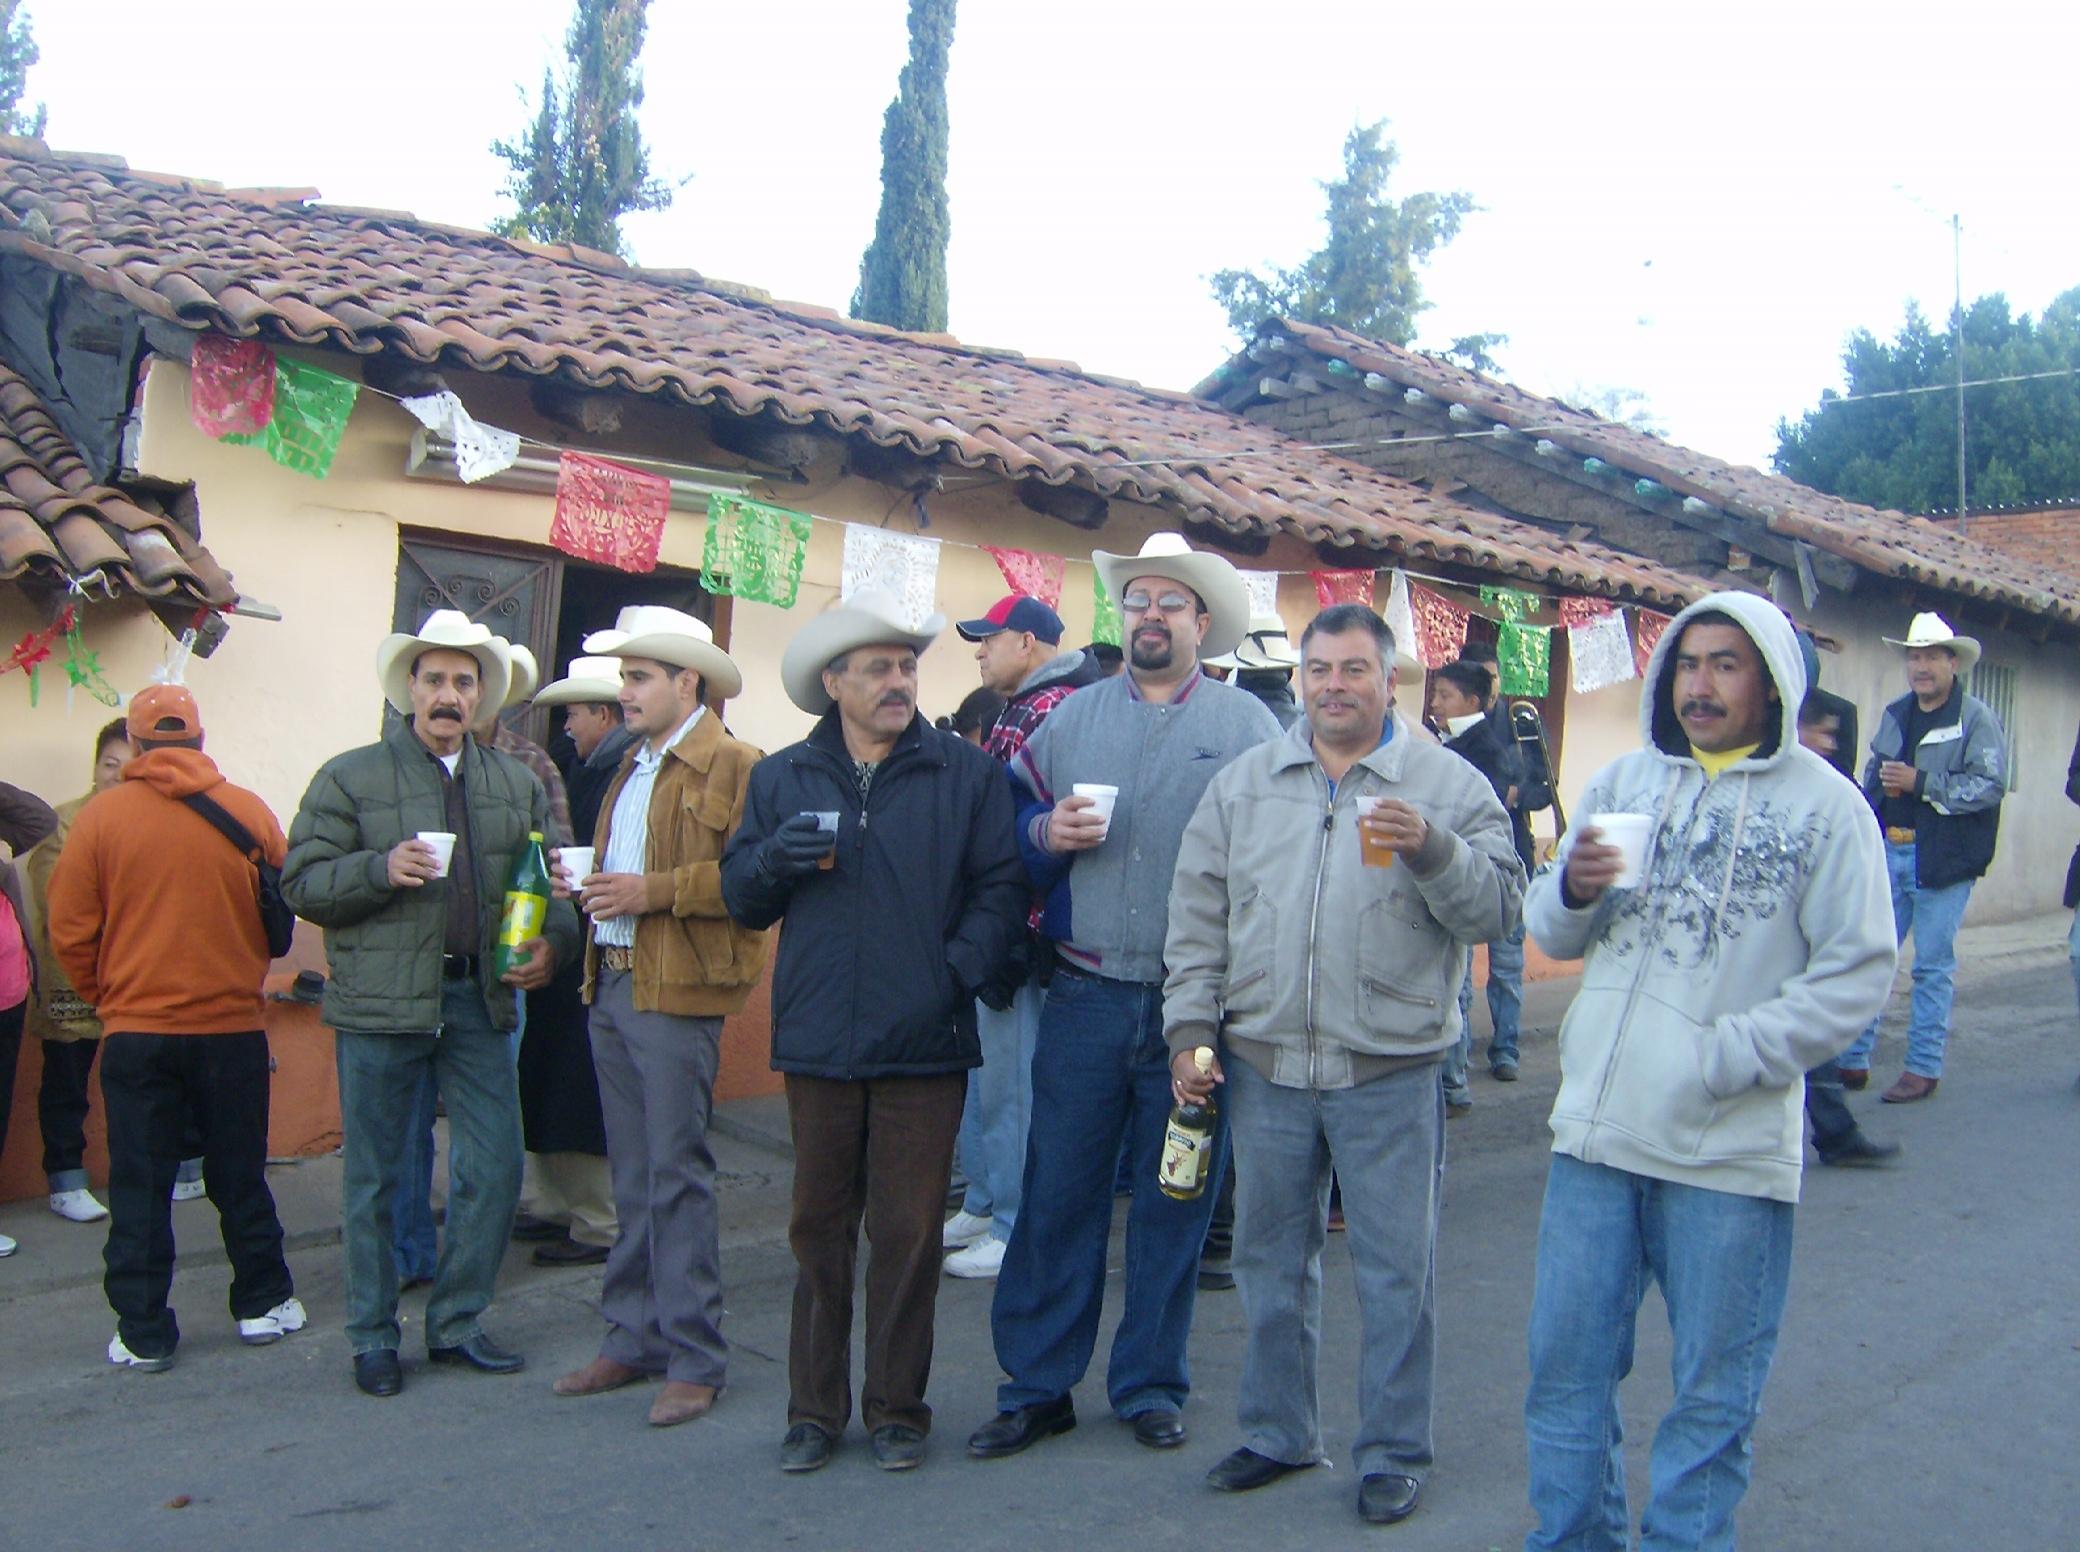 ... acompañantes de la banda de Ichan, posan para la foto del recuerdo